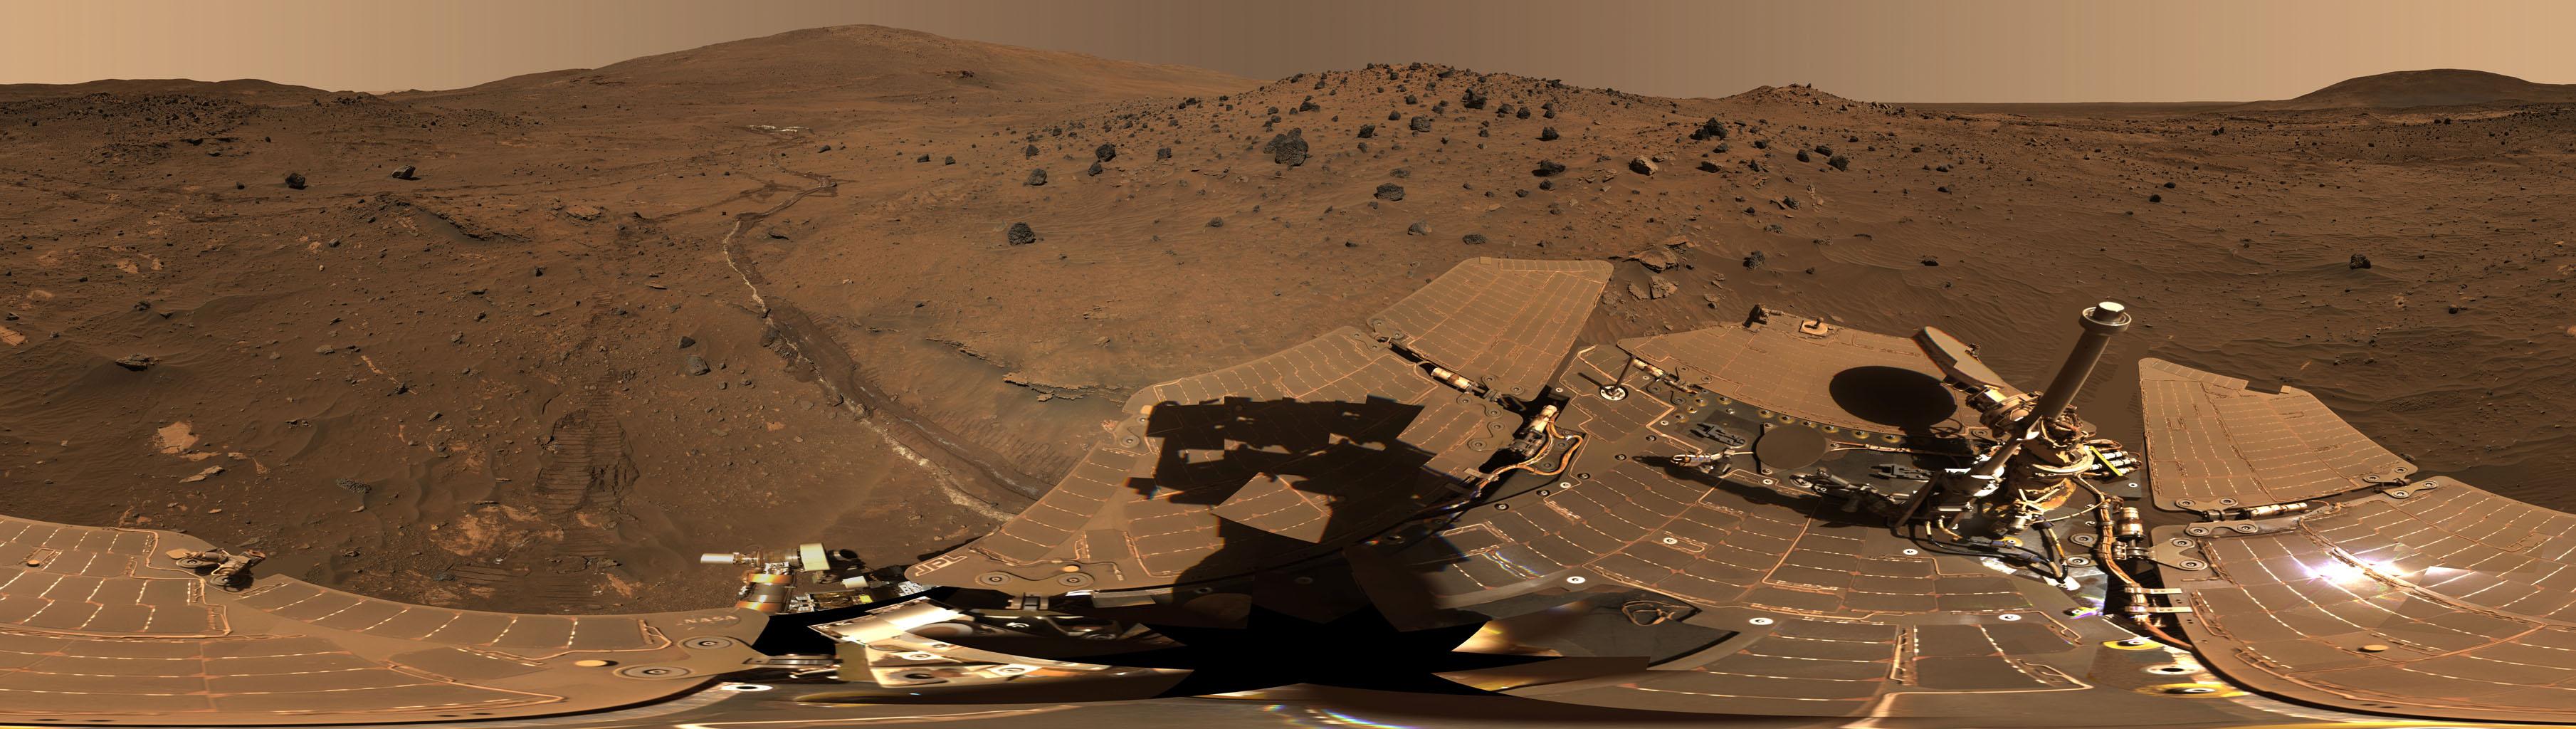 mars rover gewicht - photo #46